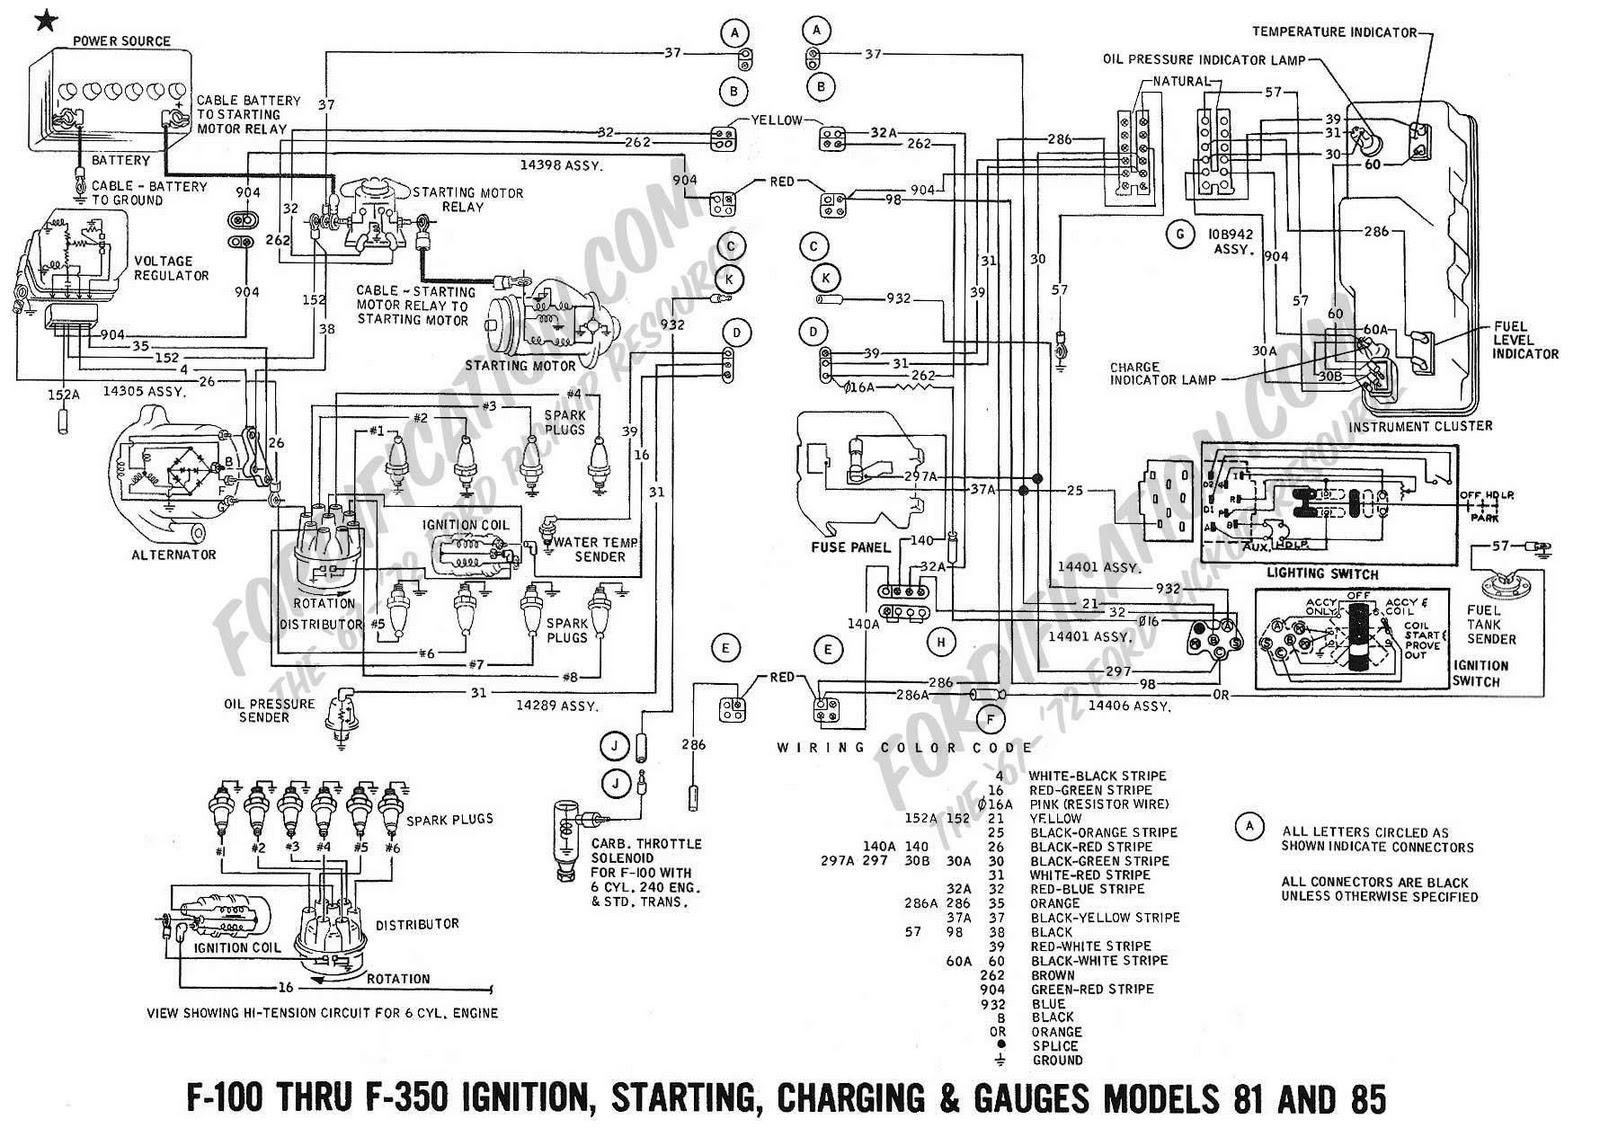 1970 Thunderbird Instrument Cluster Diagram Wiring Schematic | New ...